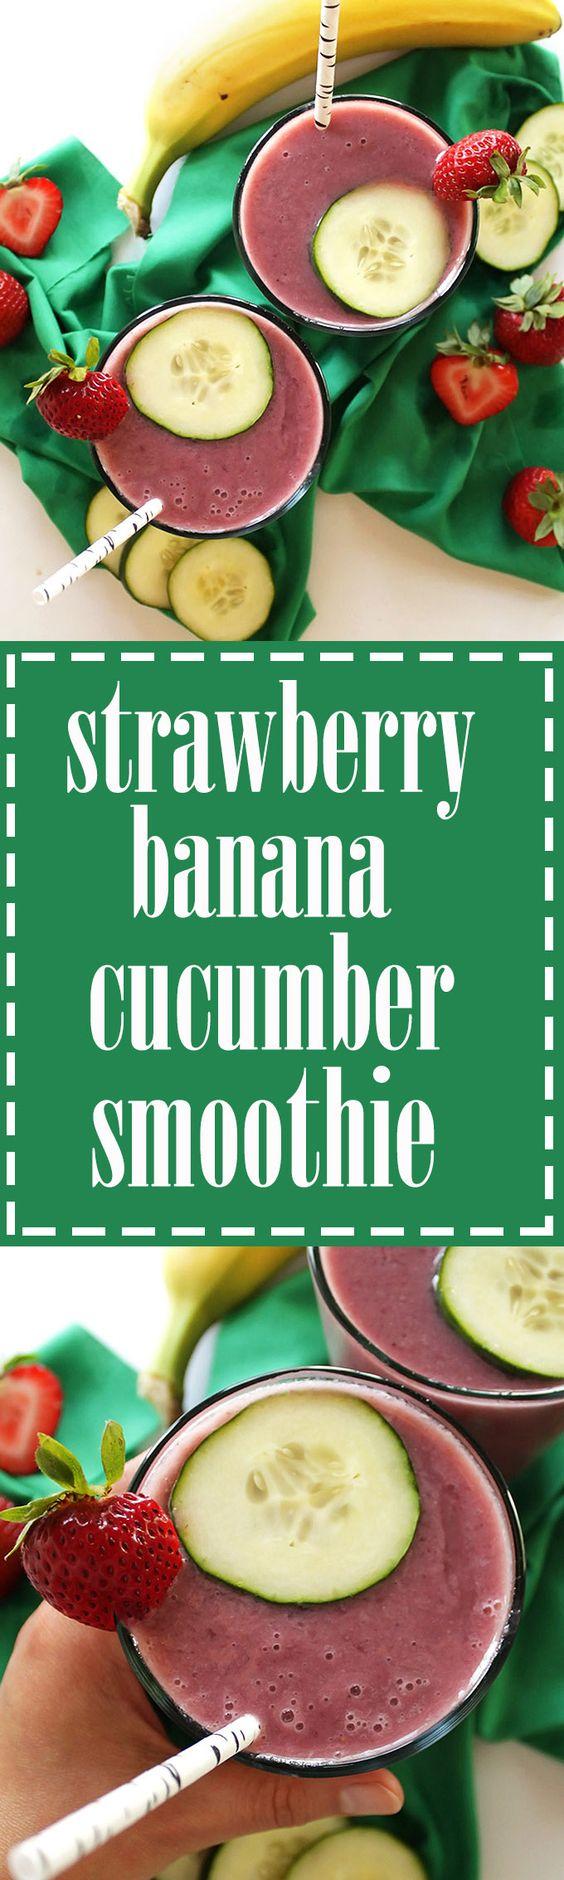 galore smoothie lane diet smoothie easy smoothie smoothie ideas banana ...